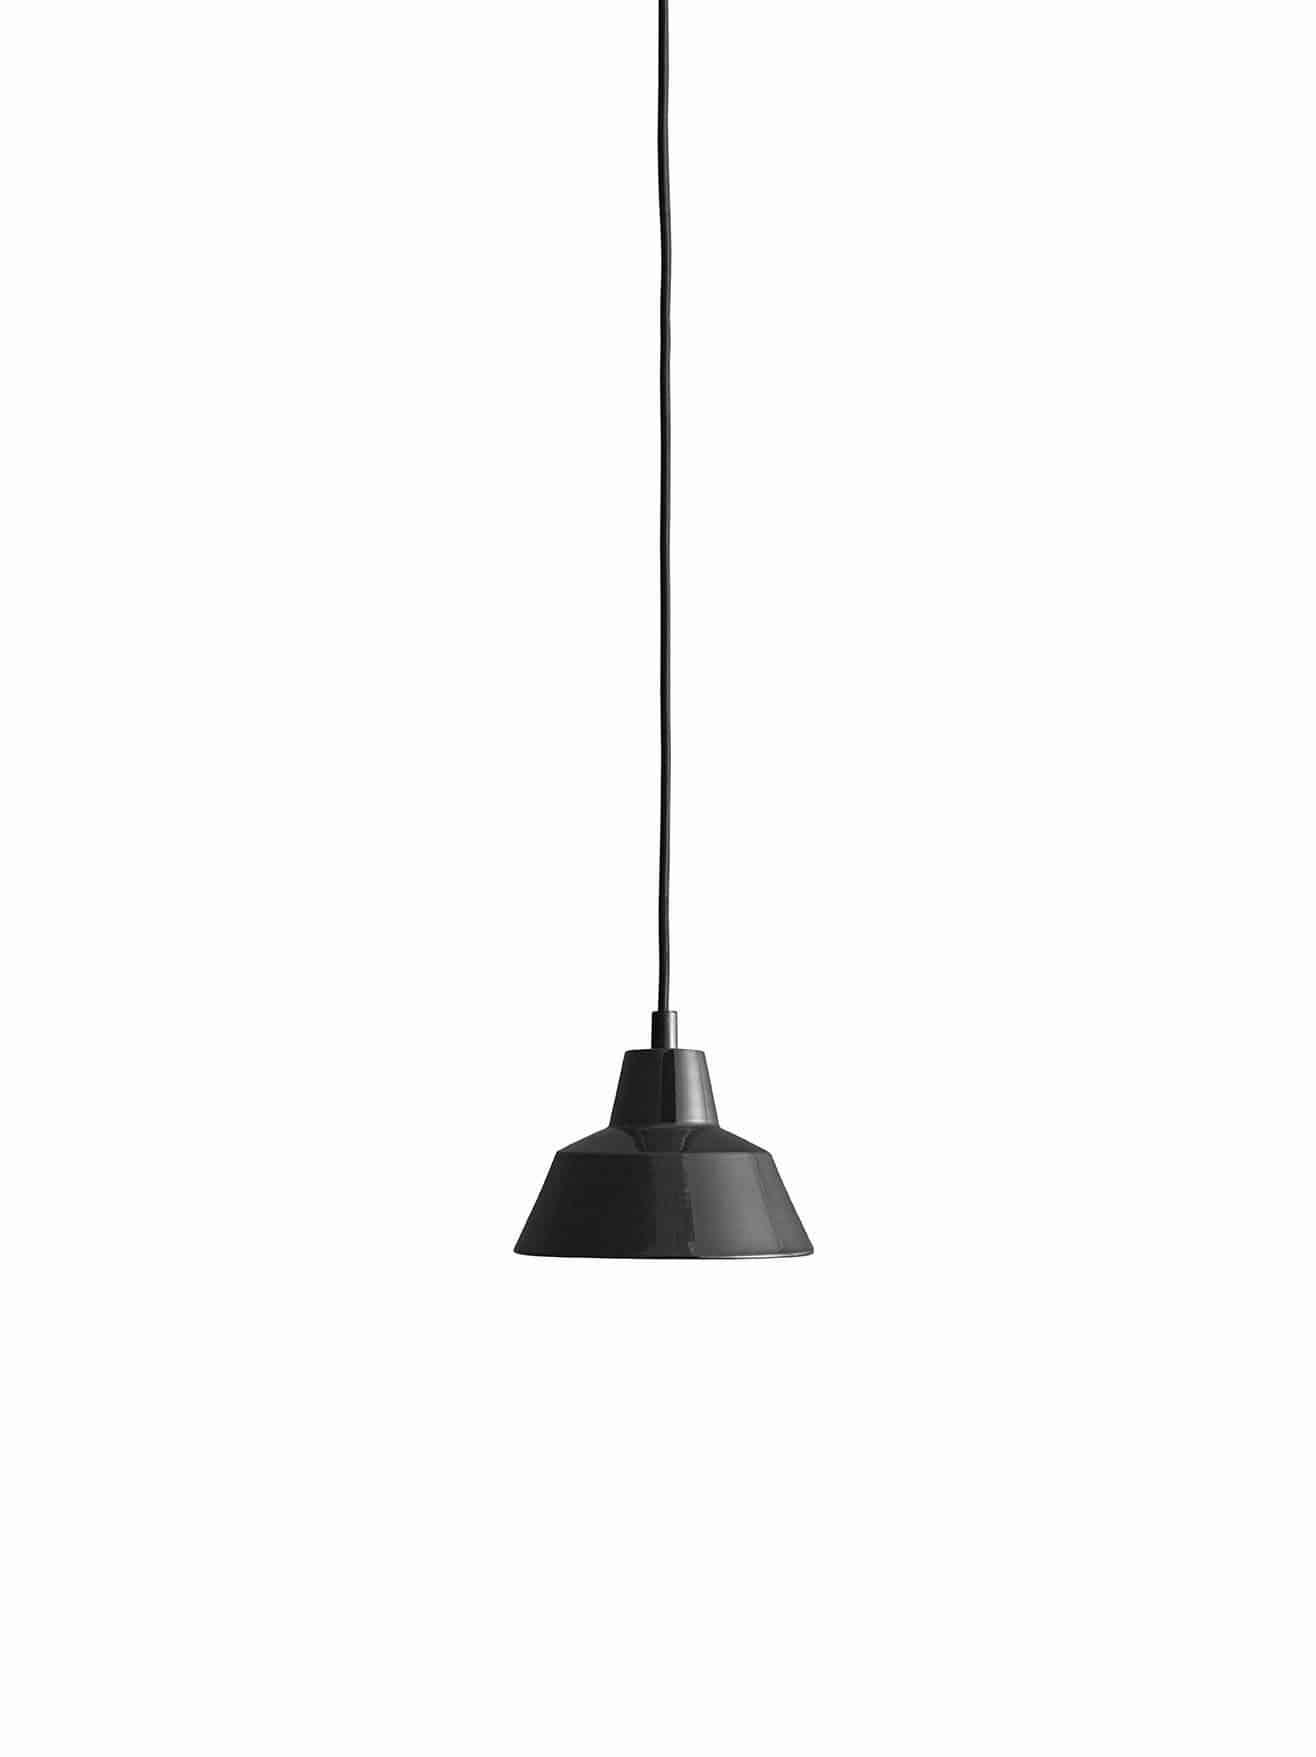 Et stykke dansk design historie fra Wedel Madsen. Med det solide og lidt industrielle look passer den særligt godt til en rå og minimalistisk indretning. Og så giver den godt lys! Flot black sort farve.